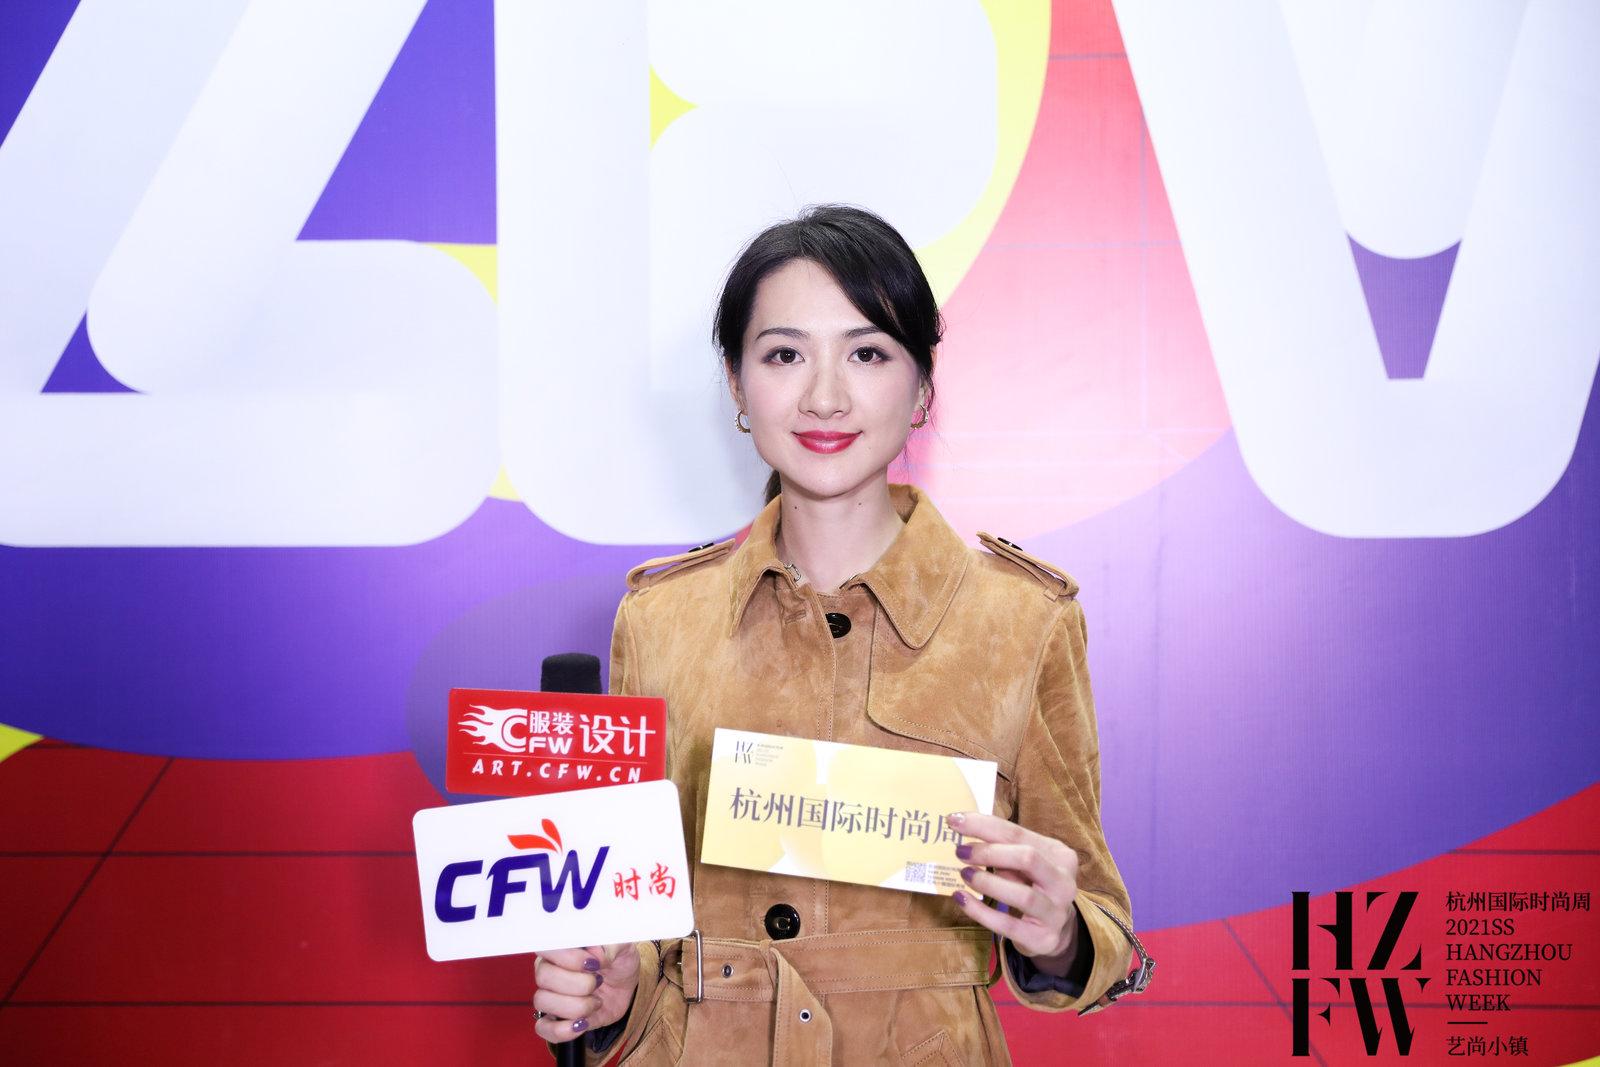 2021ss杭州國際時尚周 | CFW時尚專訪三家童模機構創始人